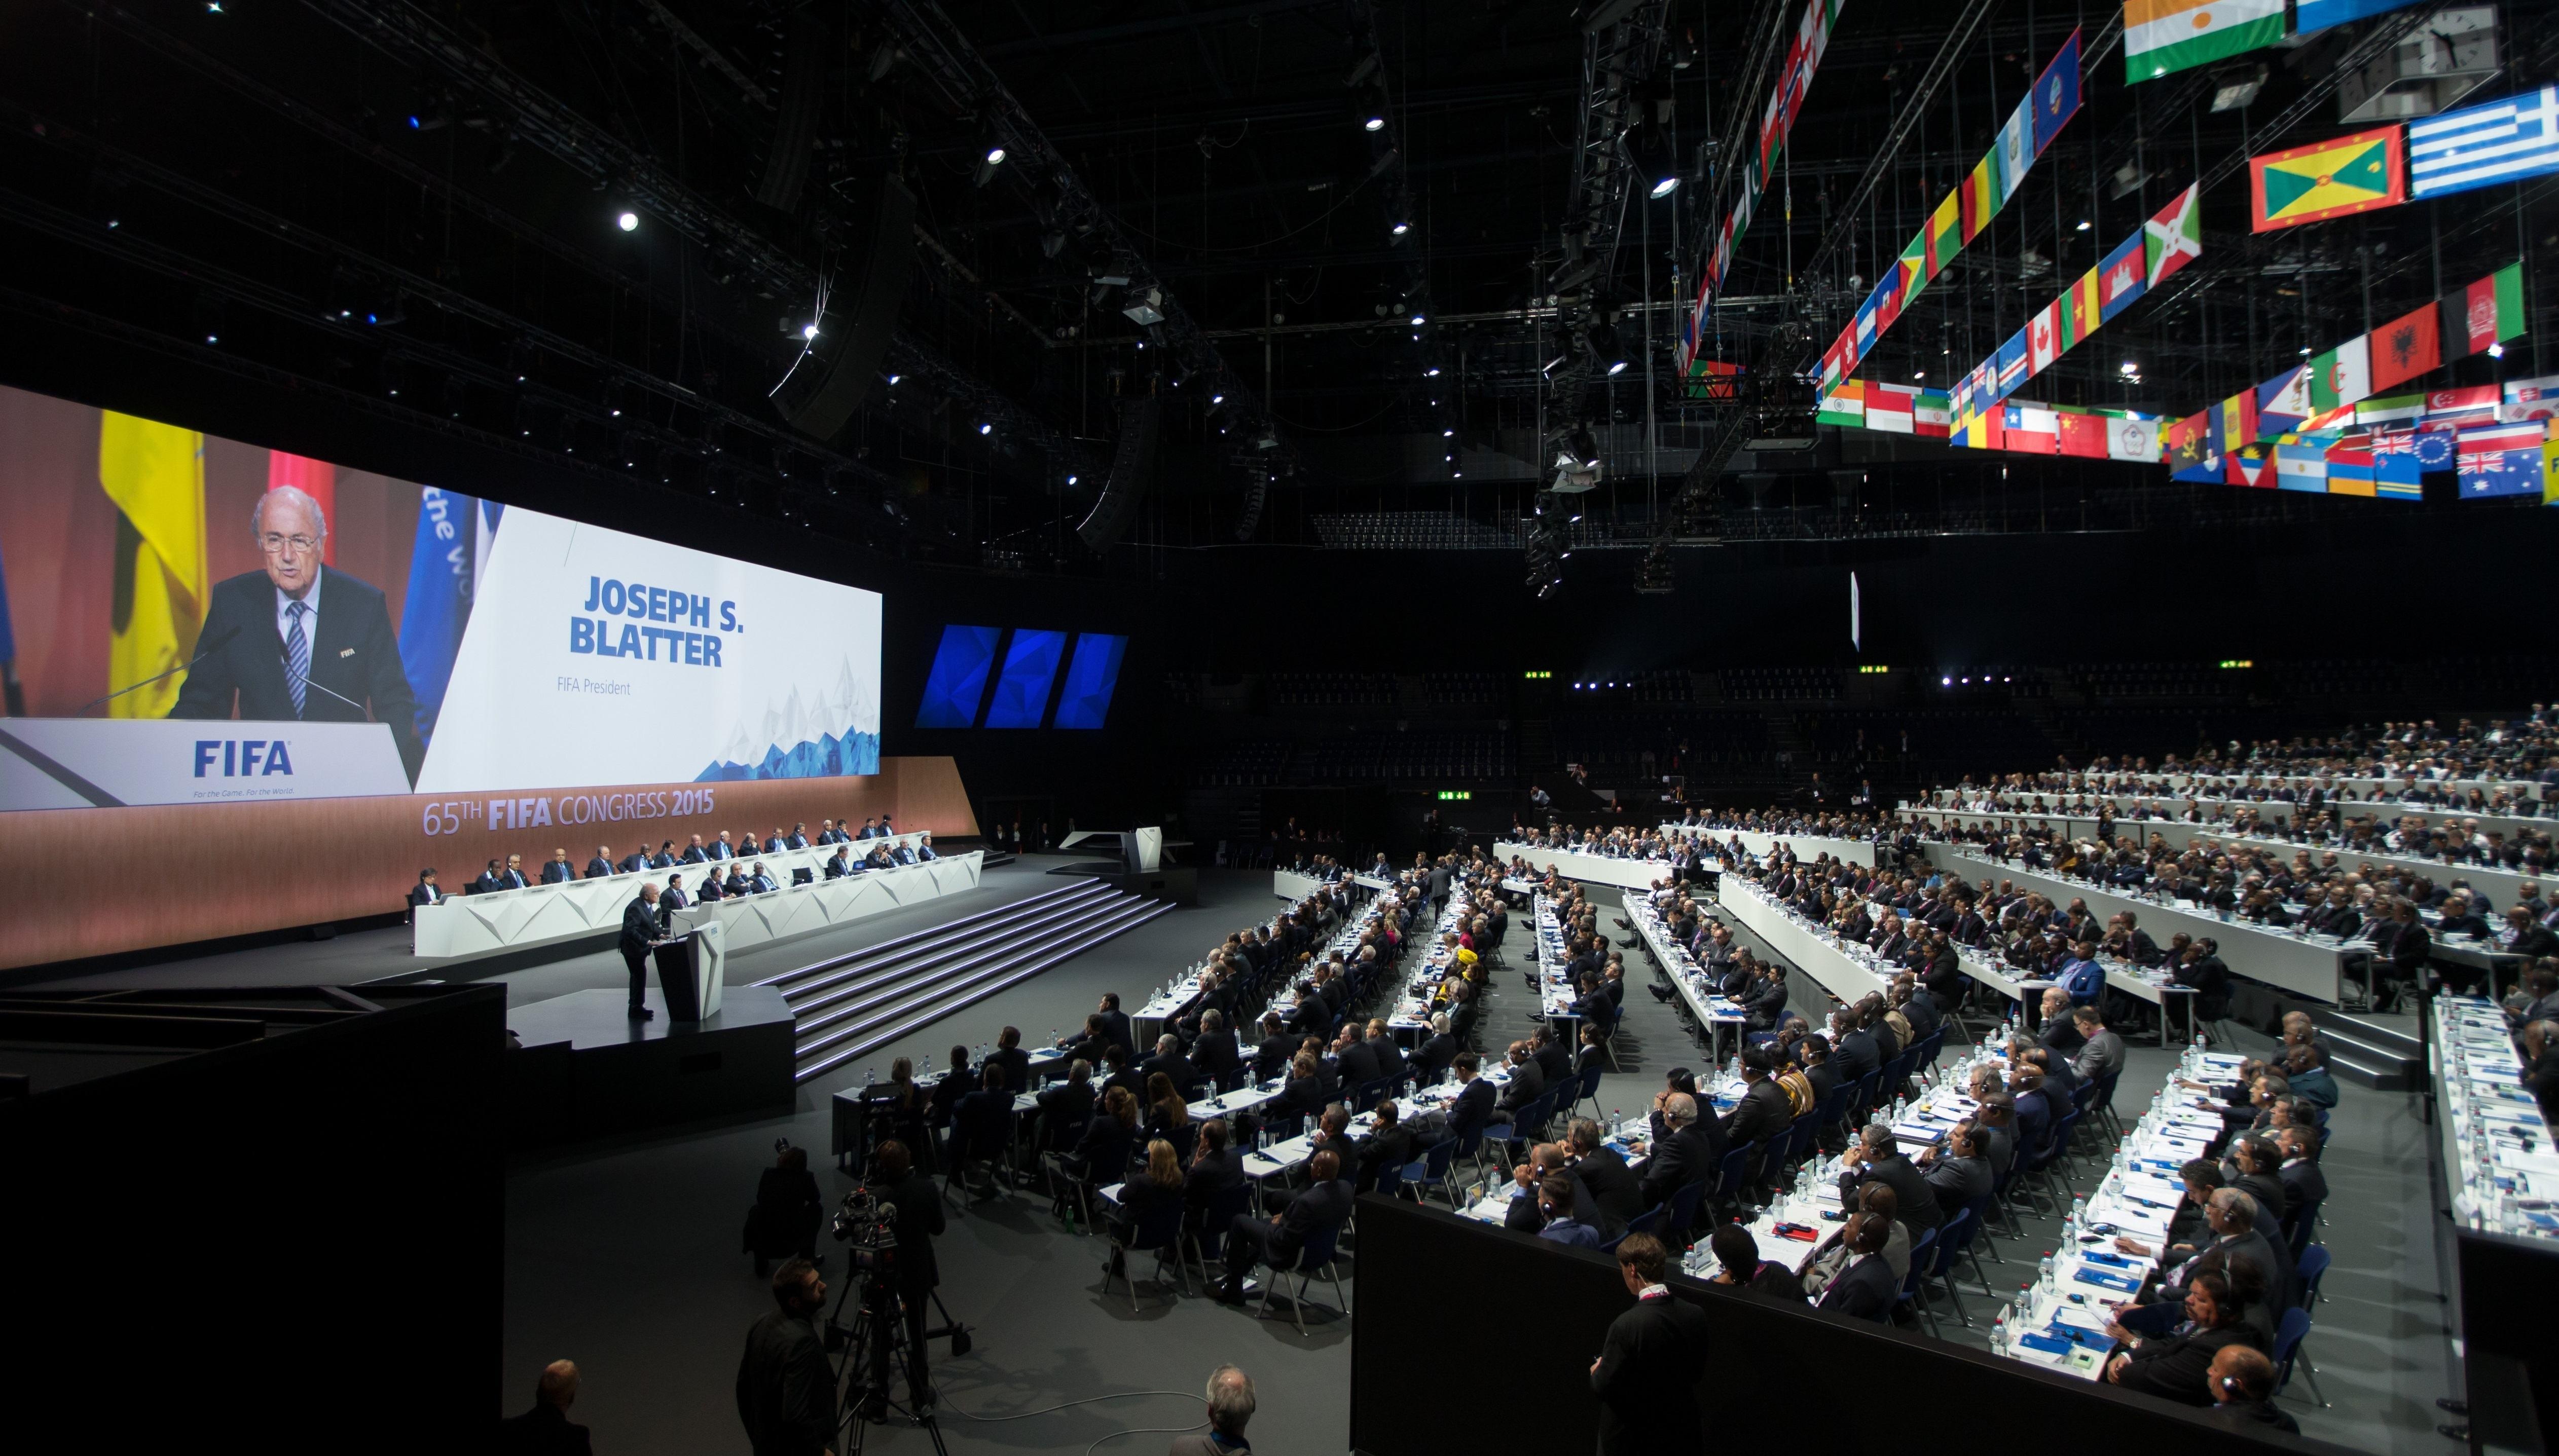 Congreso de la FIFA 65